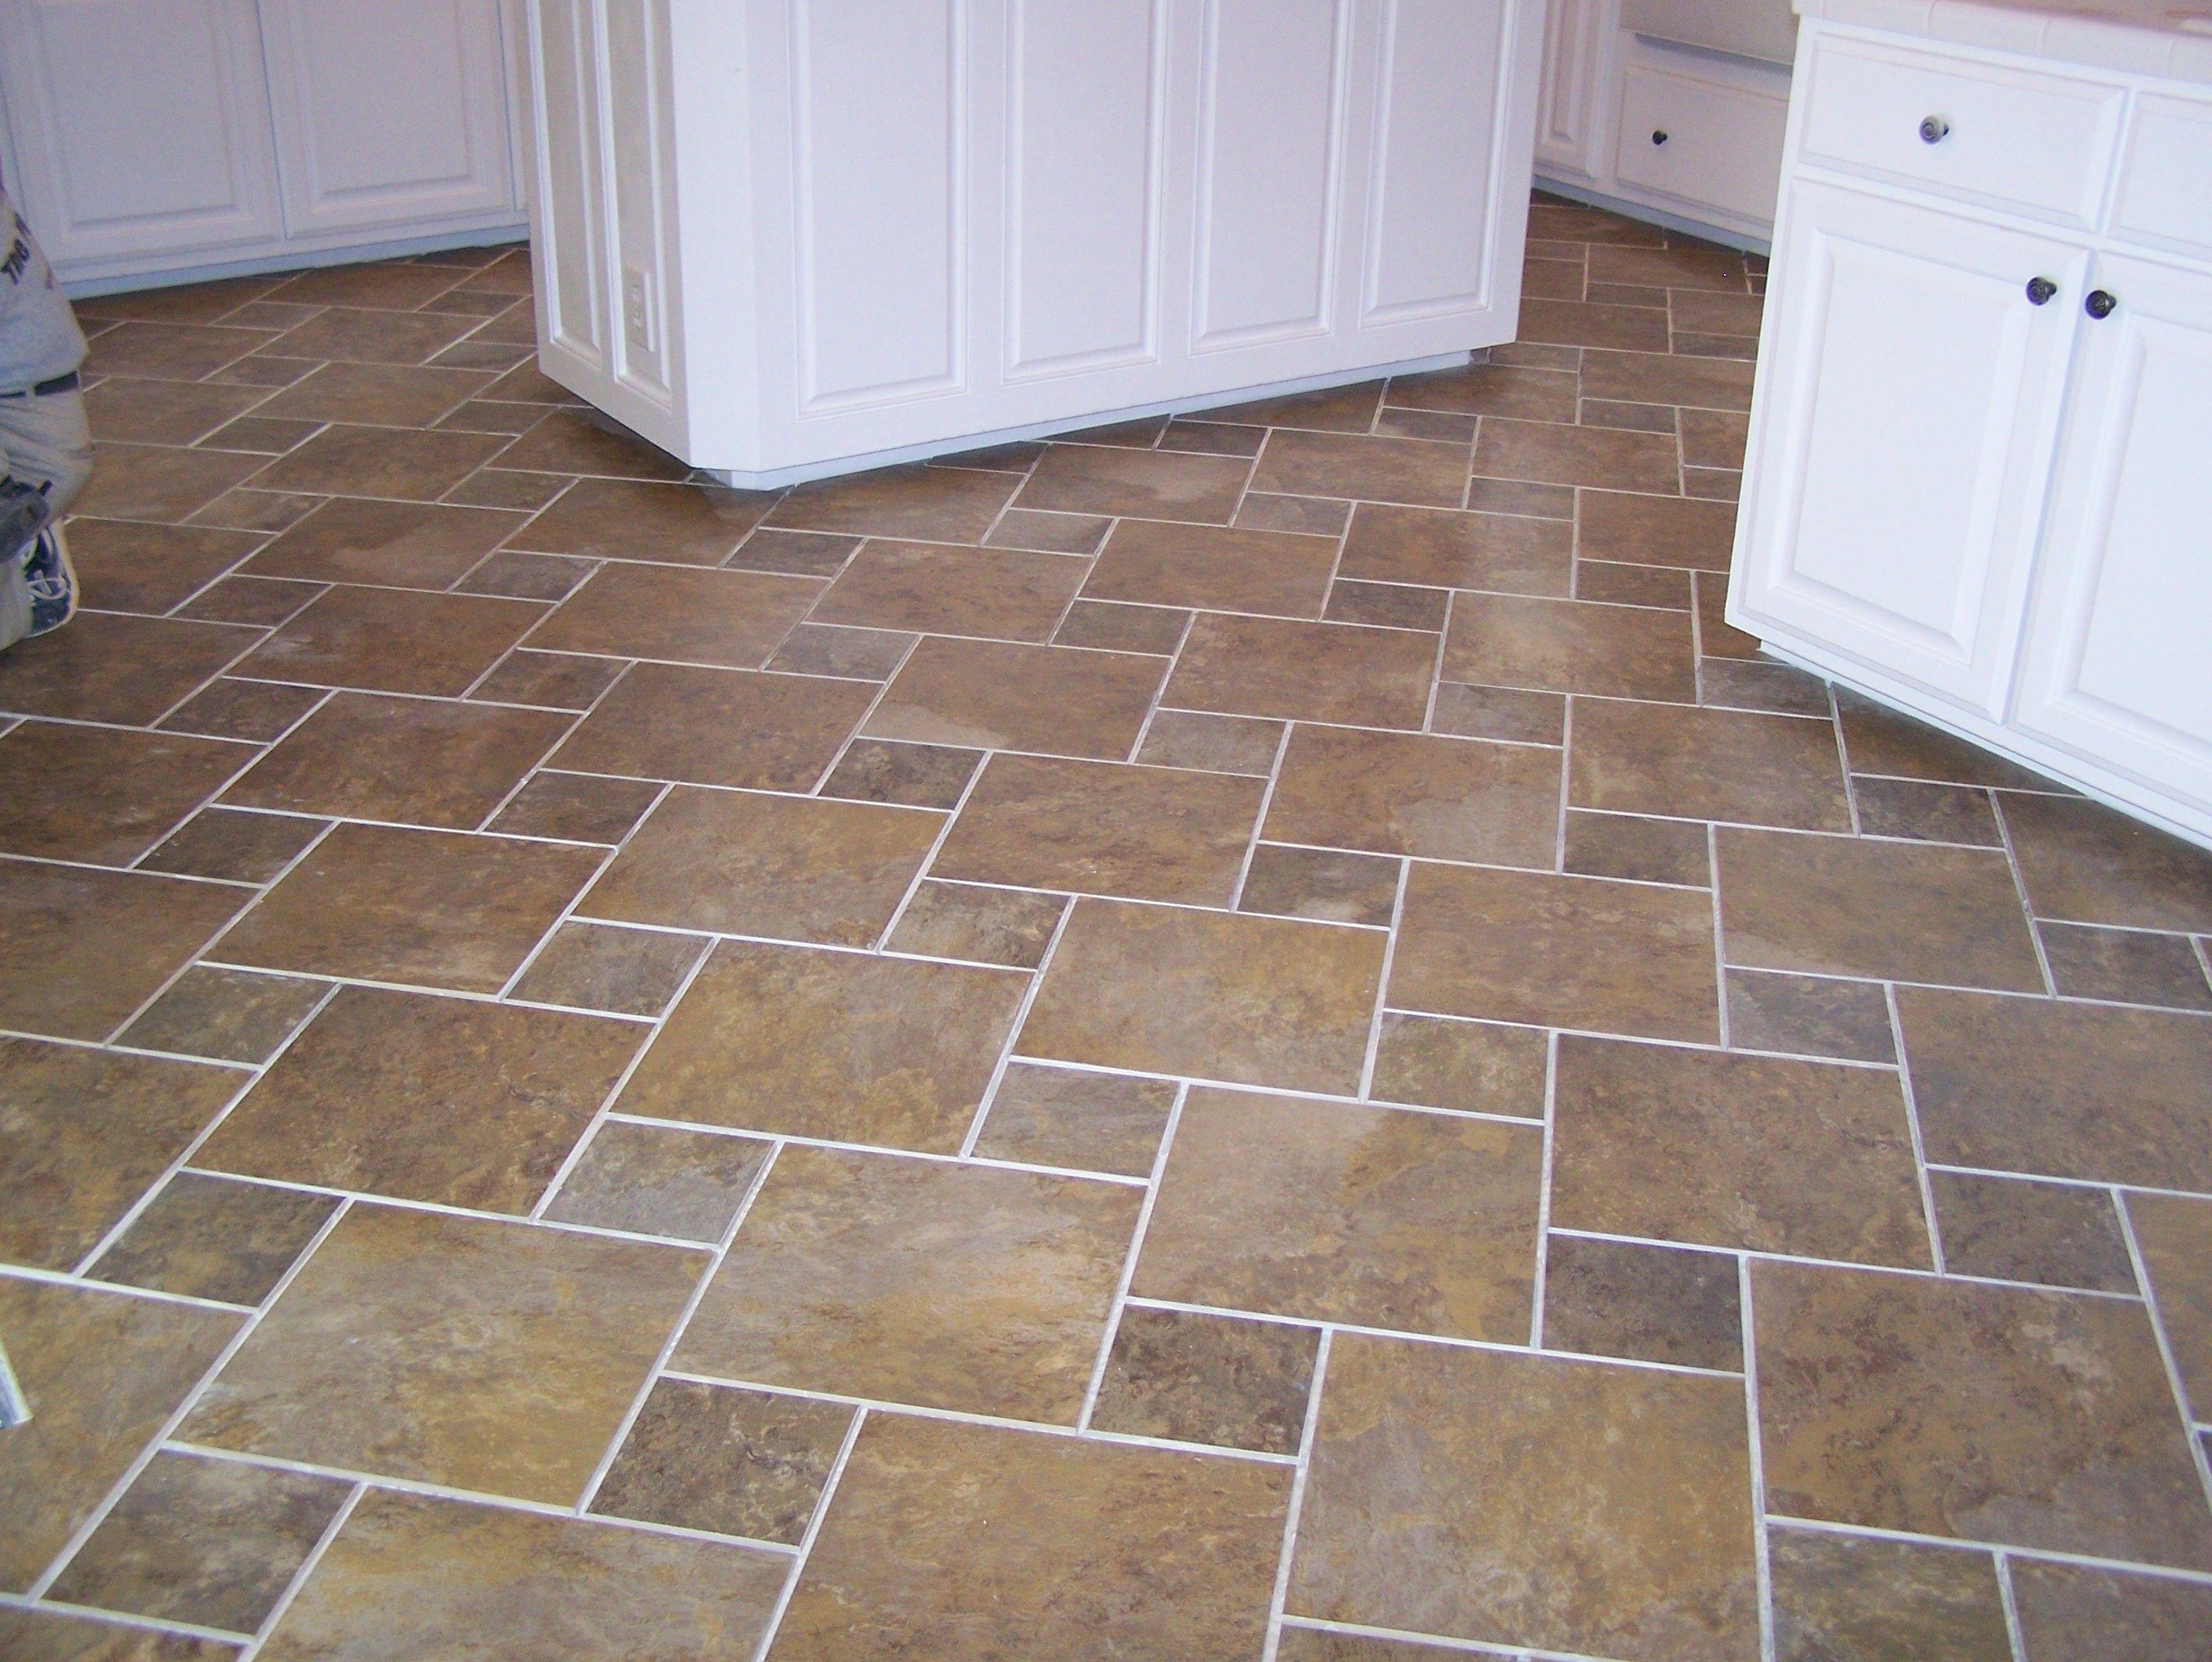 Ceramic tile ideas for floors httpnextsoft21 pinterest ceramic tile ideas for floors doublecrazyfo Gallery